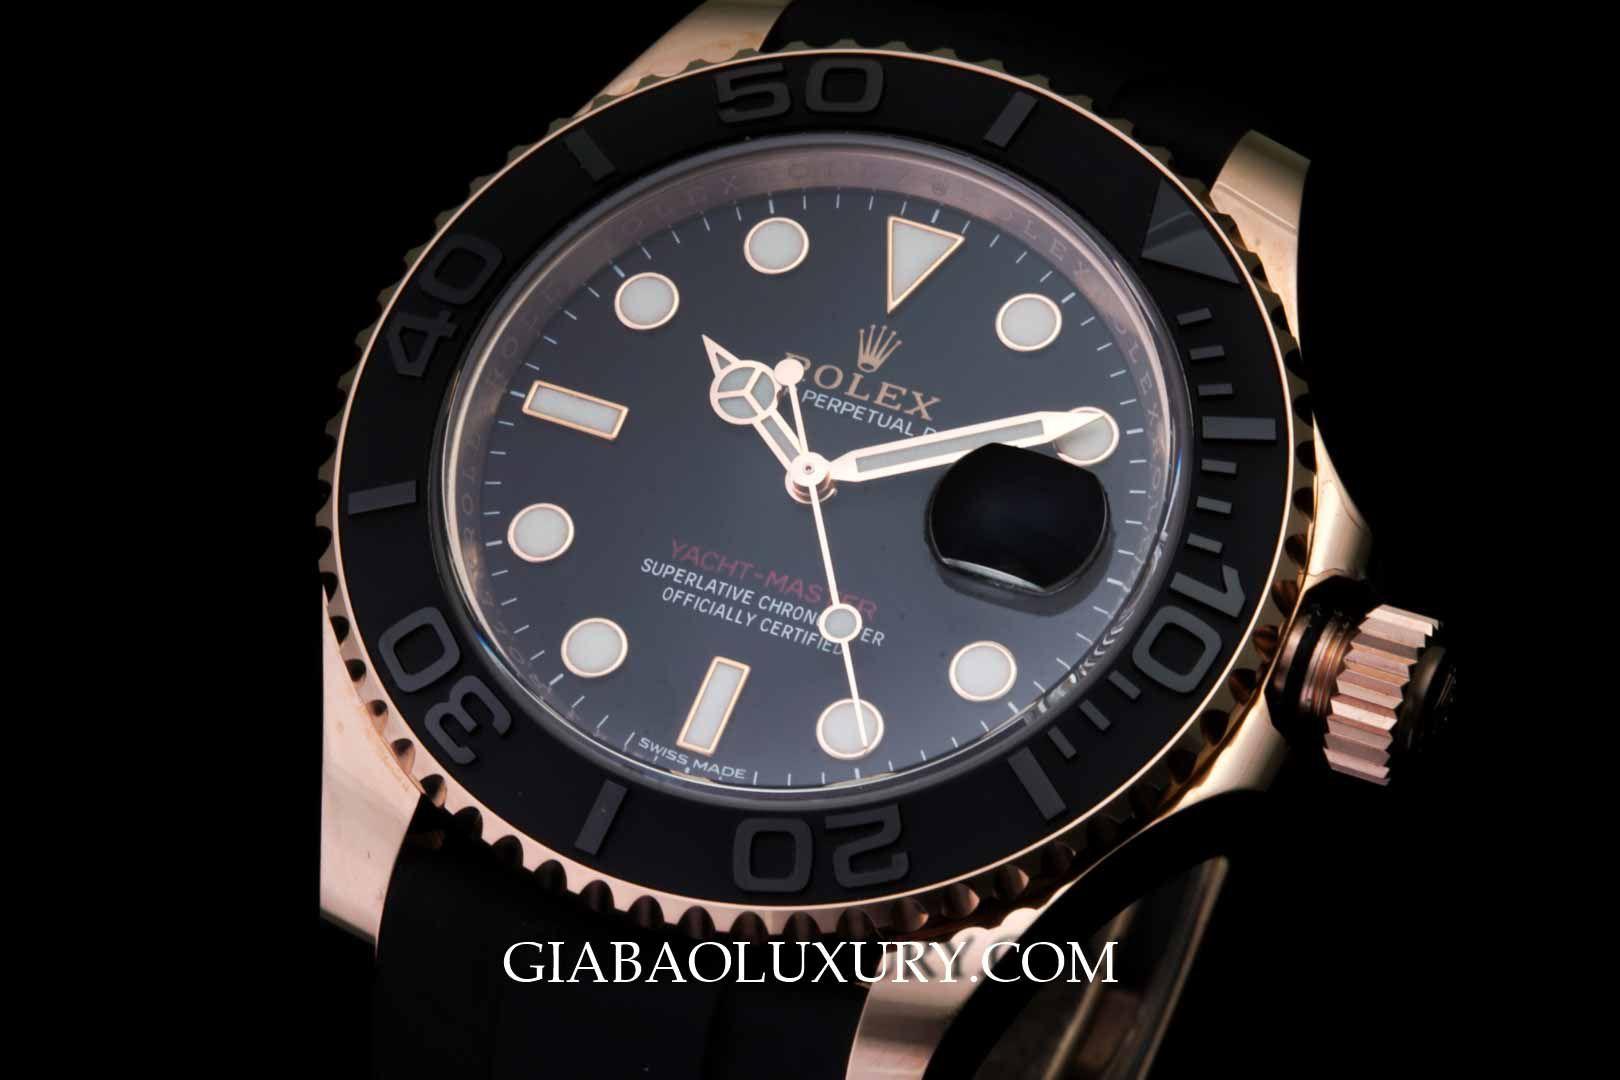 Thu mua đồng hồ Rolex Yacht Master tại Gia Bảo Luxury